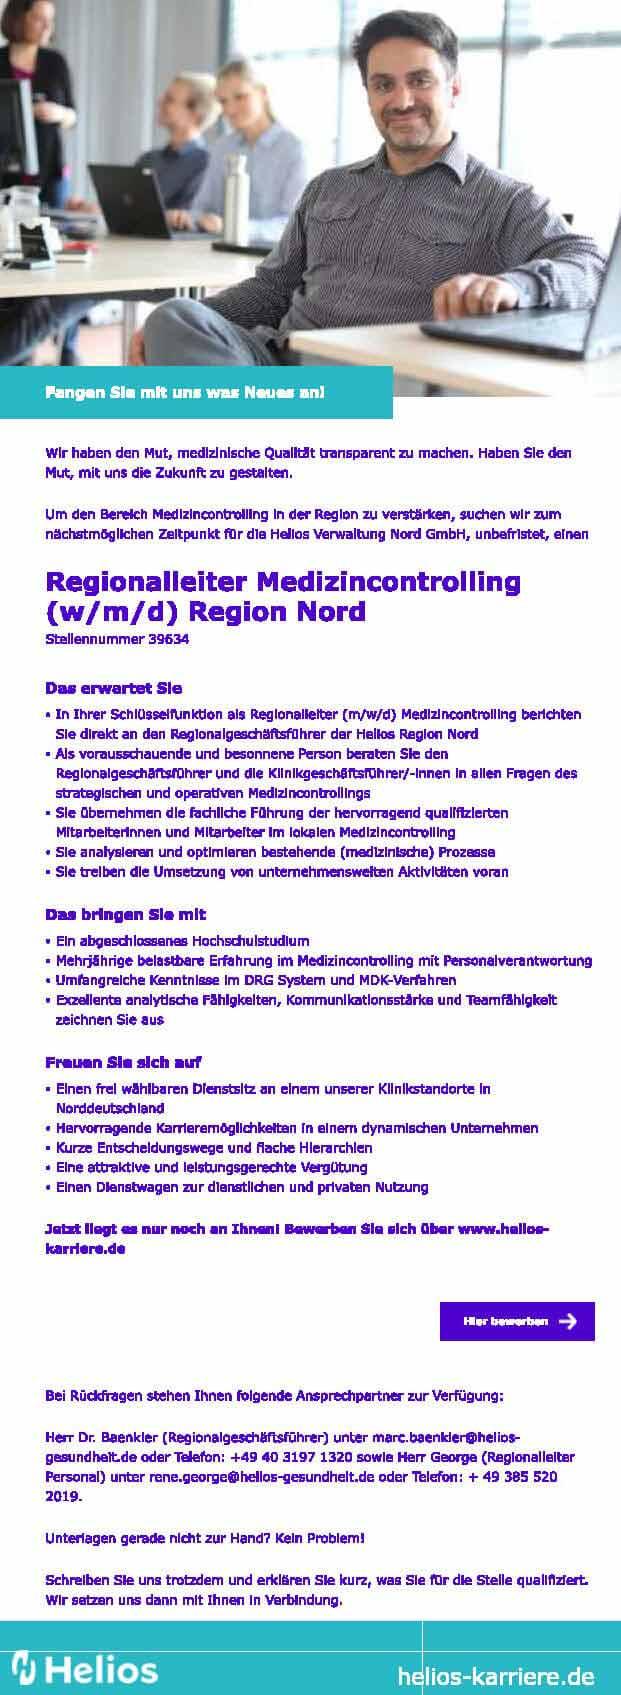 Helios Verwaltung Nord GmbH: Regionalleiter Medizincontrolling (w/m/d)